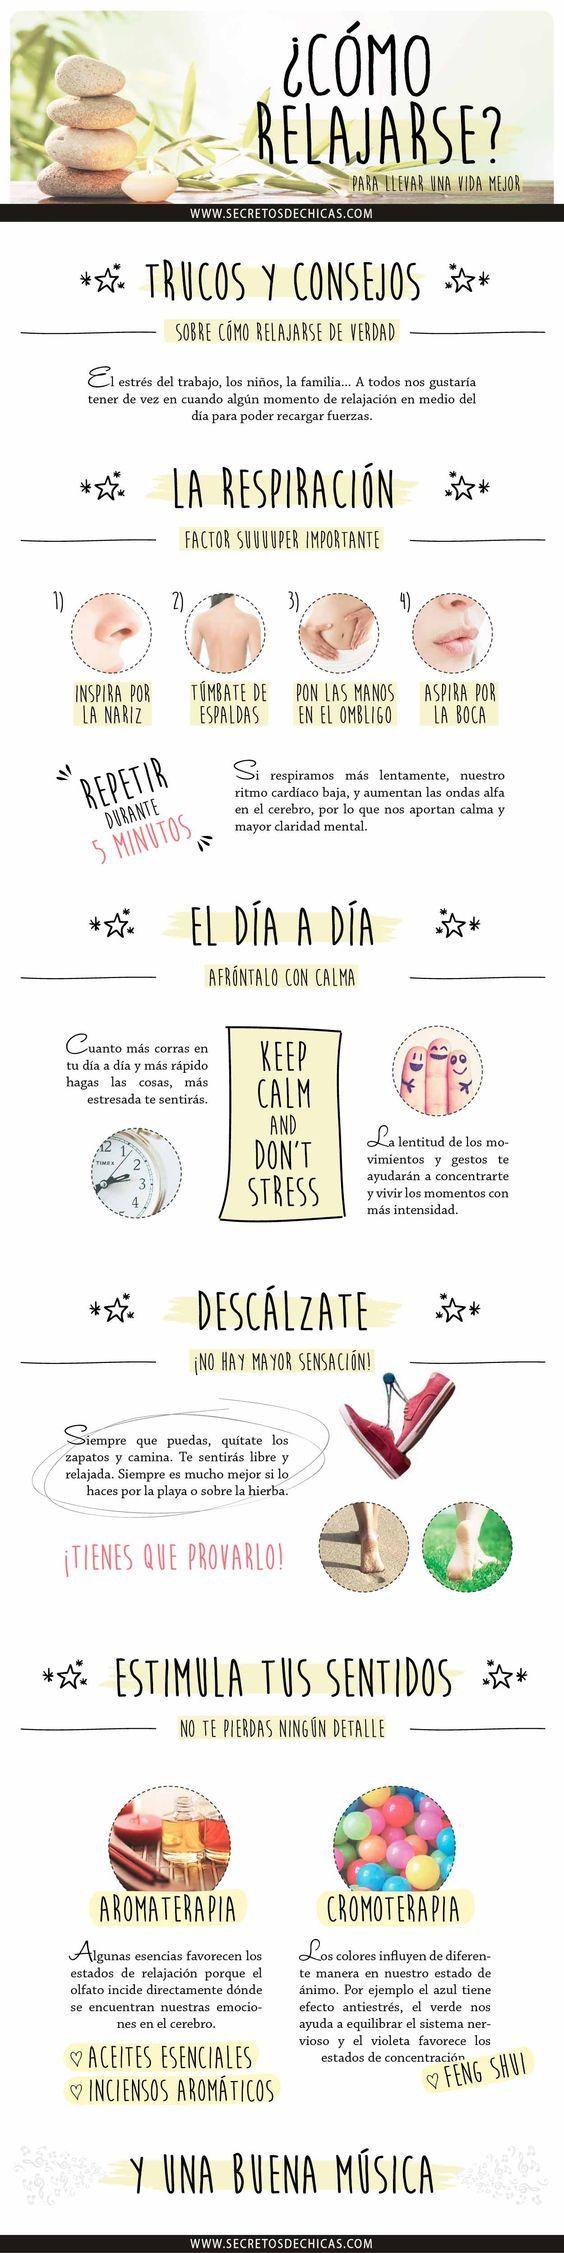 El estrés del trabajo, los niños, la familia… a todos nos gustaría tener de vez en cuando algún momento de relajación en medio del día para poder recargar fuerzas. Así que hoy os voy a dar algunos trucos y consejos sobre cómo relajarse de verdad. LA RESPIRACIÓN, FACTOR MUY IMPORTANTE Si respiramos más lentamente, nuestro …: